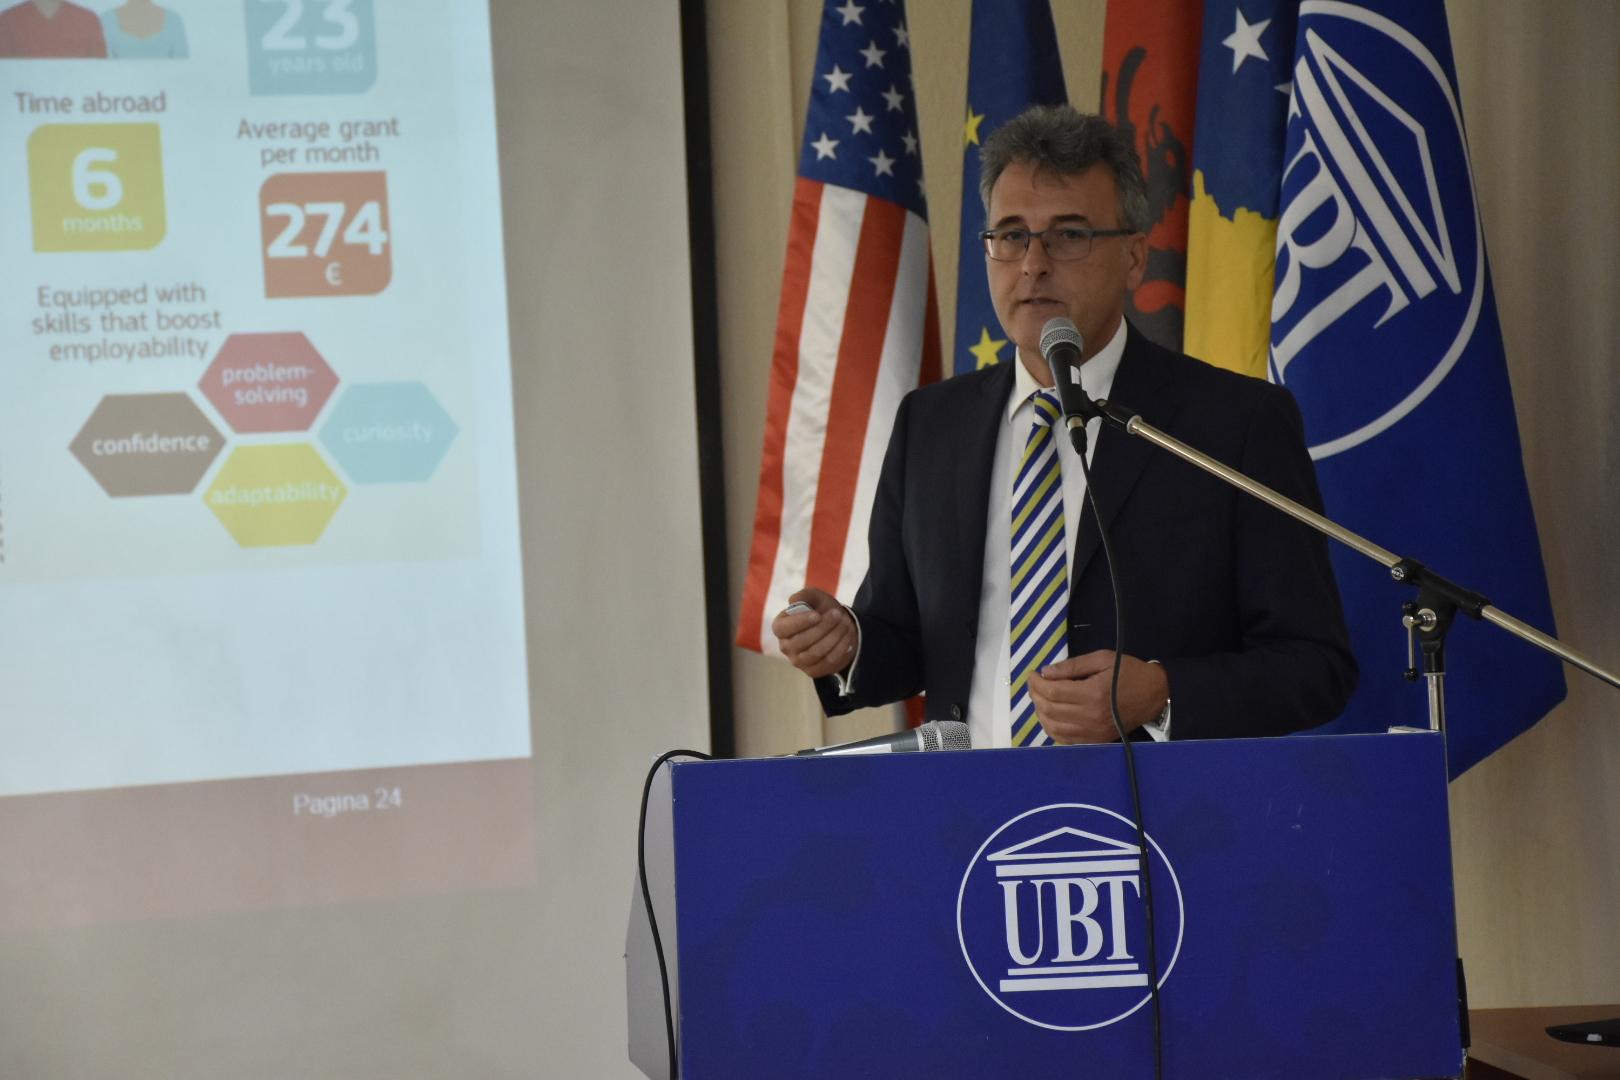 Profesori i njohur italian, dr. Luciano Saso vizitoi UBT-në dhe u shpreh i impresionuar nga të arriturat e institucionit